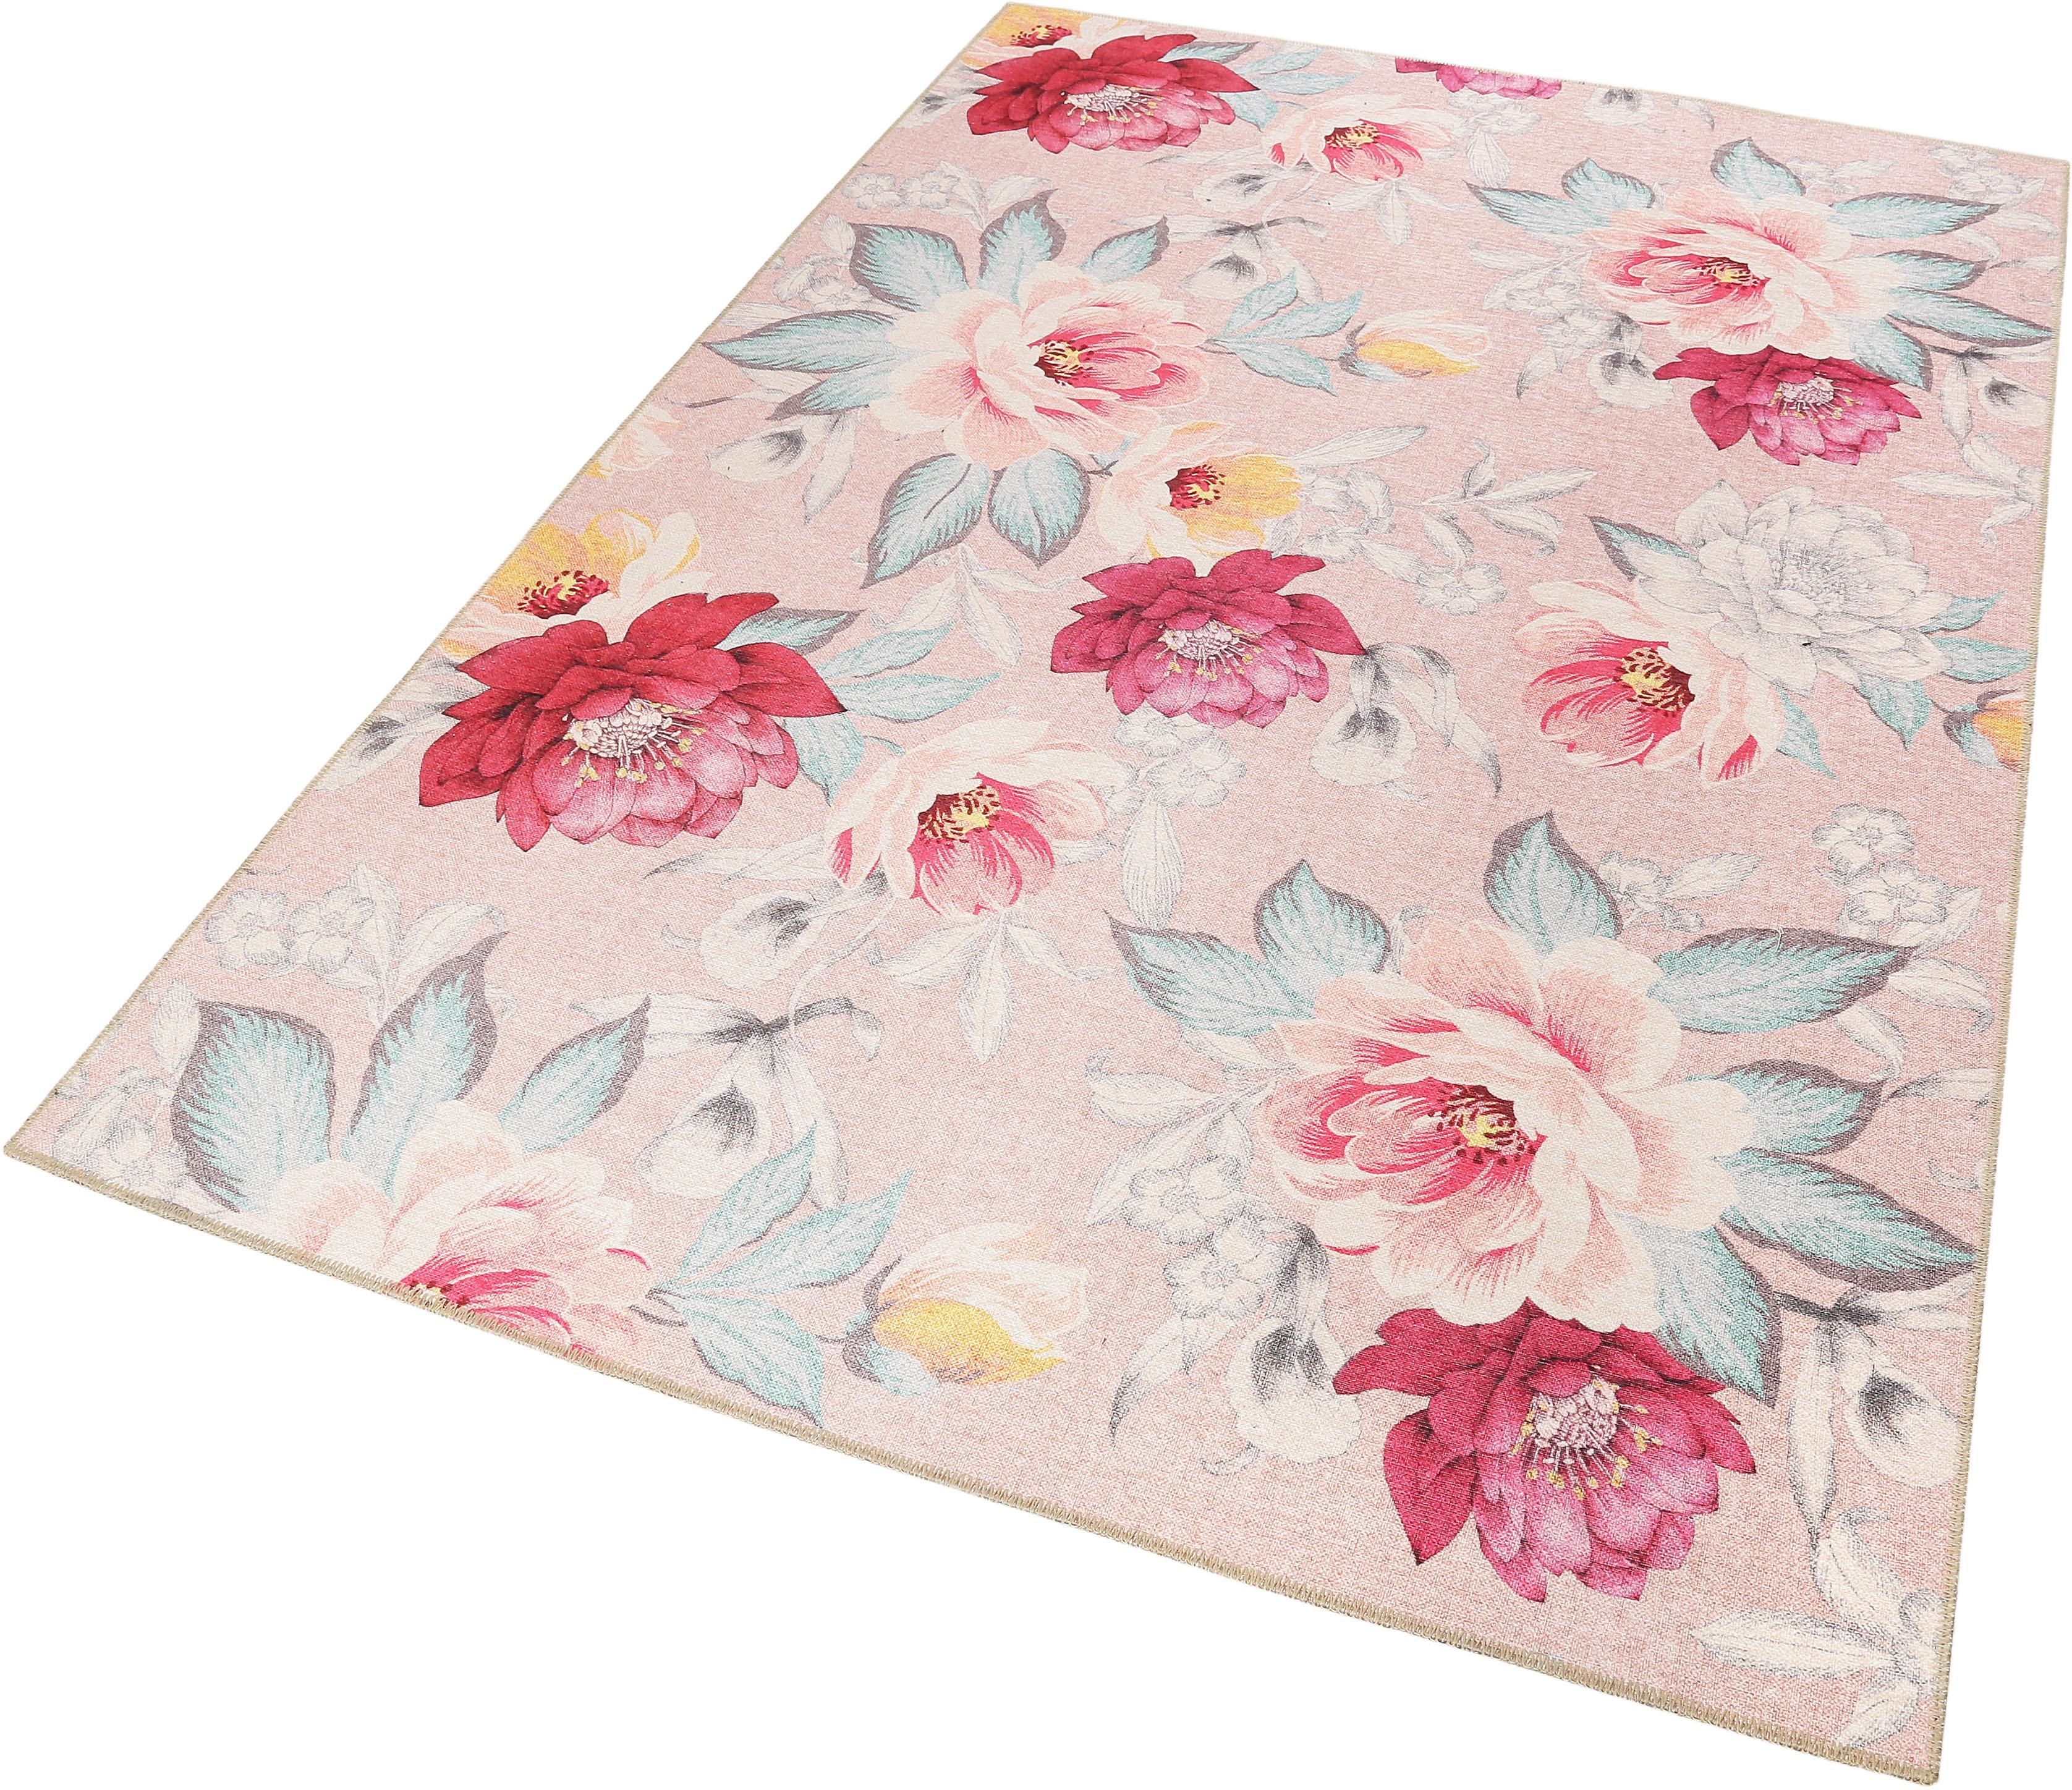 Teppich Isla floral Accessorize Home rechteckig Höhe 6 mm maschinell gewebt